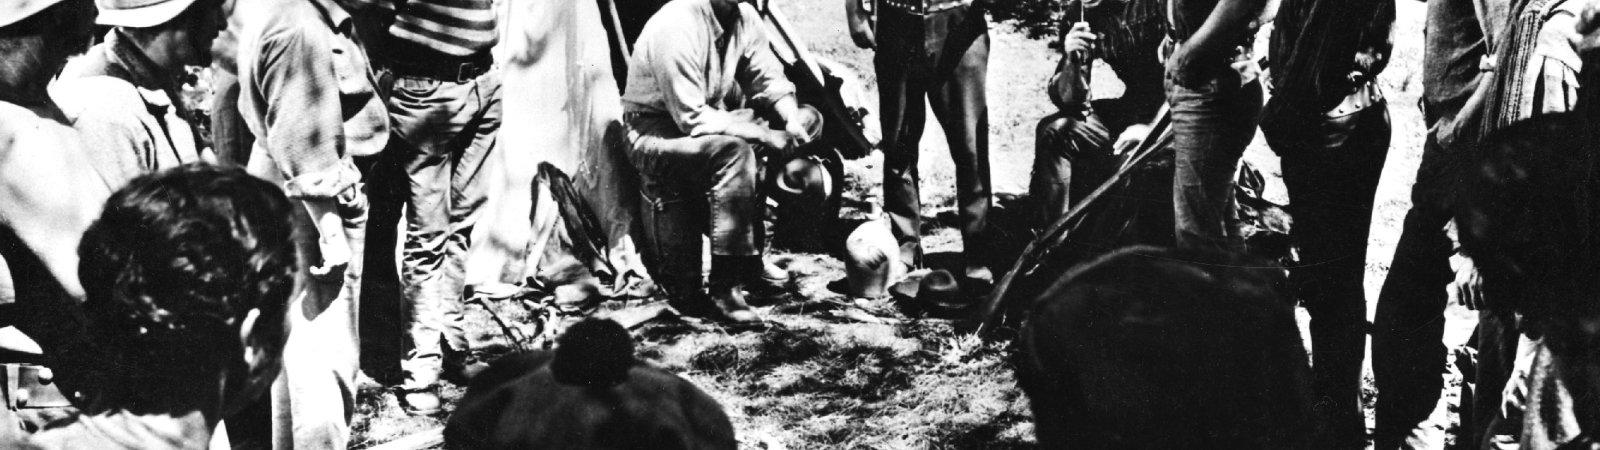 Photo dernier film Kirk Douglas